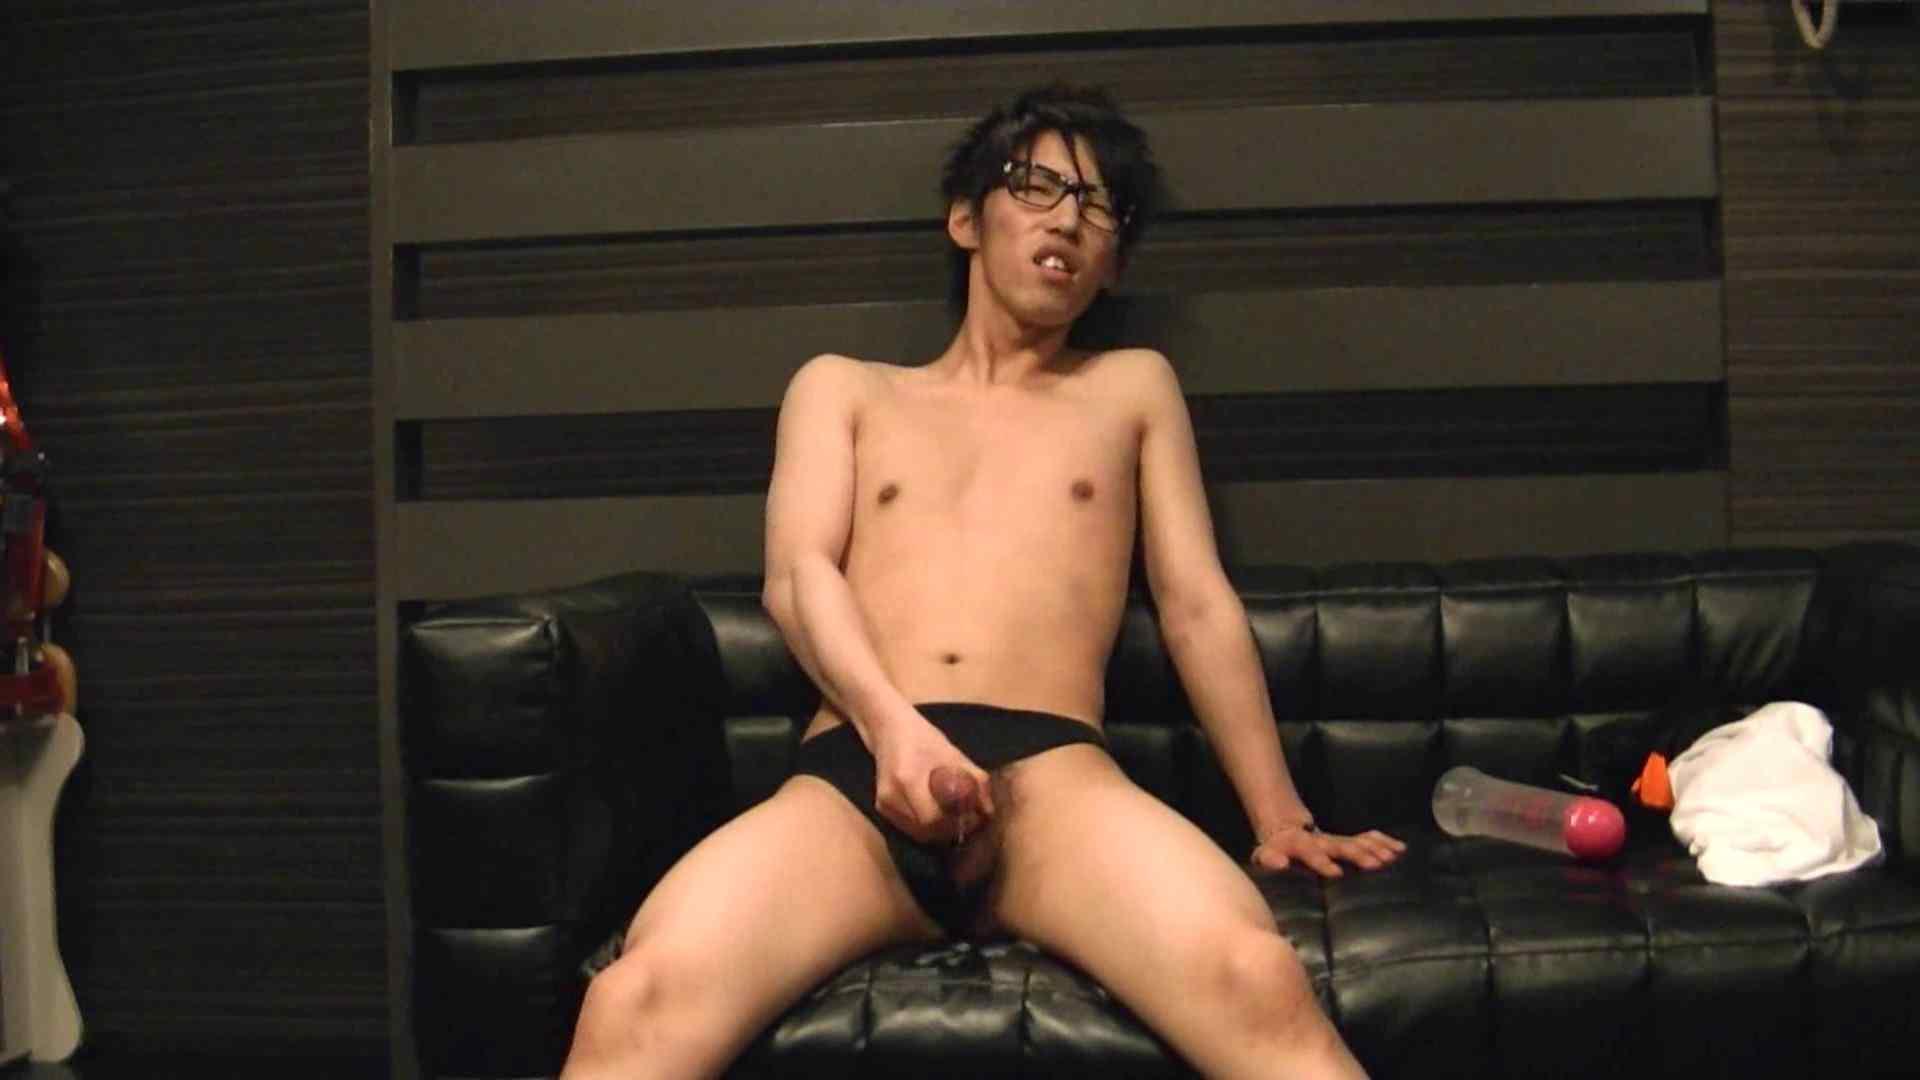 ONA見せカーニバル!! Vol3 ゲイのオナニー映像 | 男祭り  103枚 19